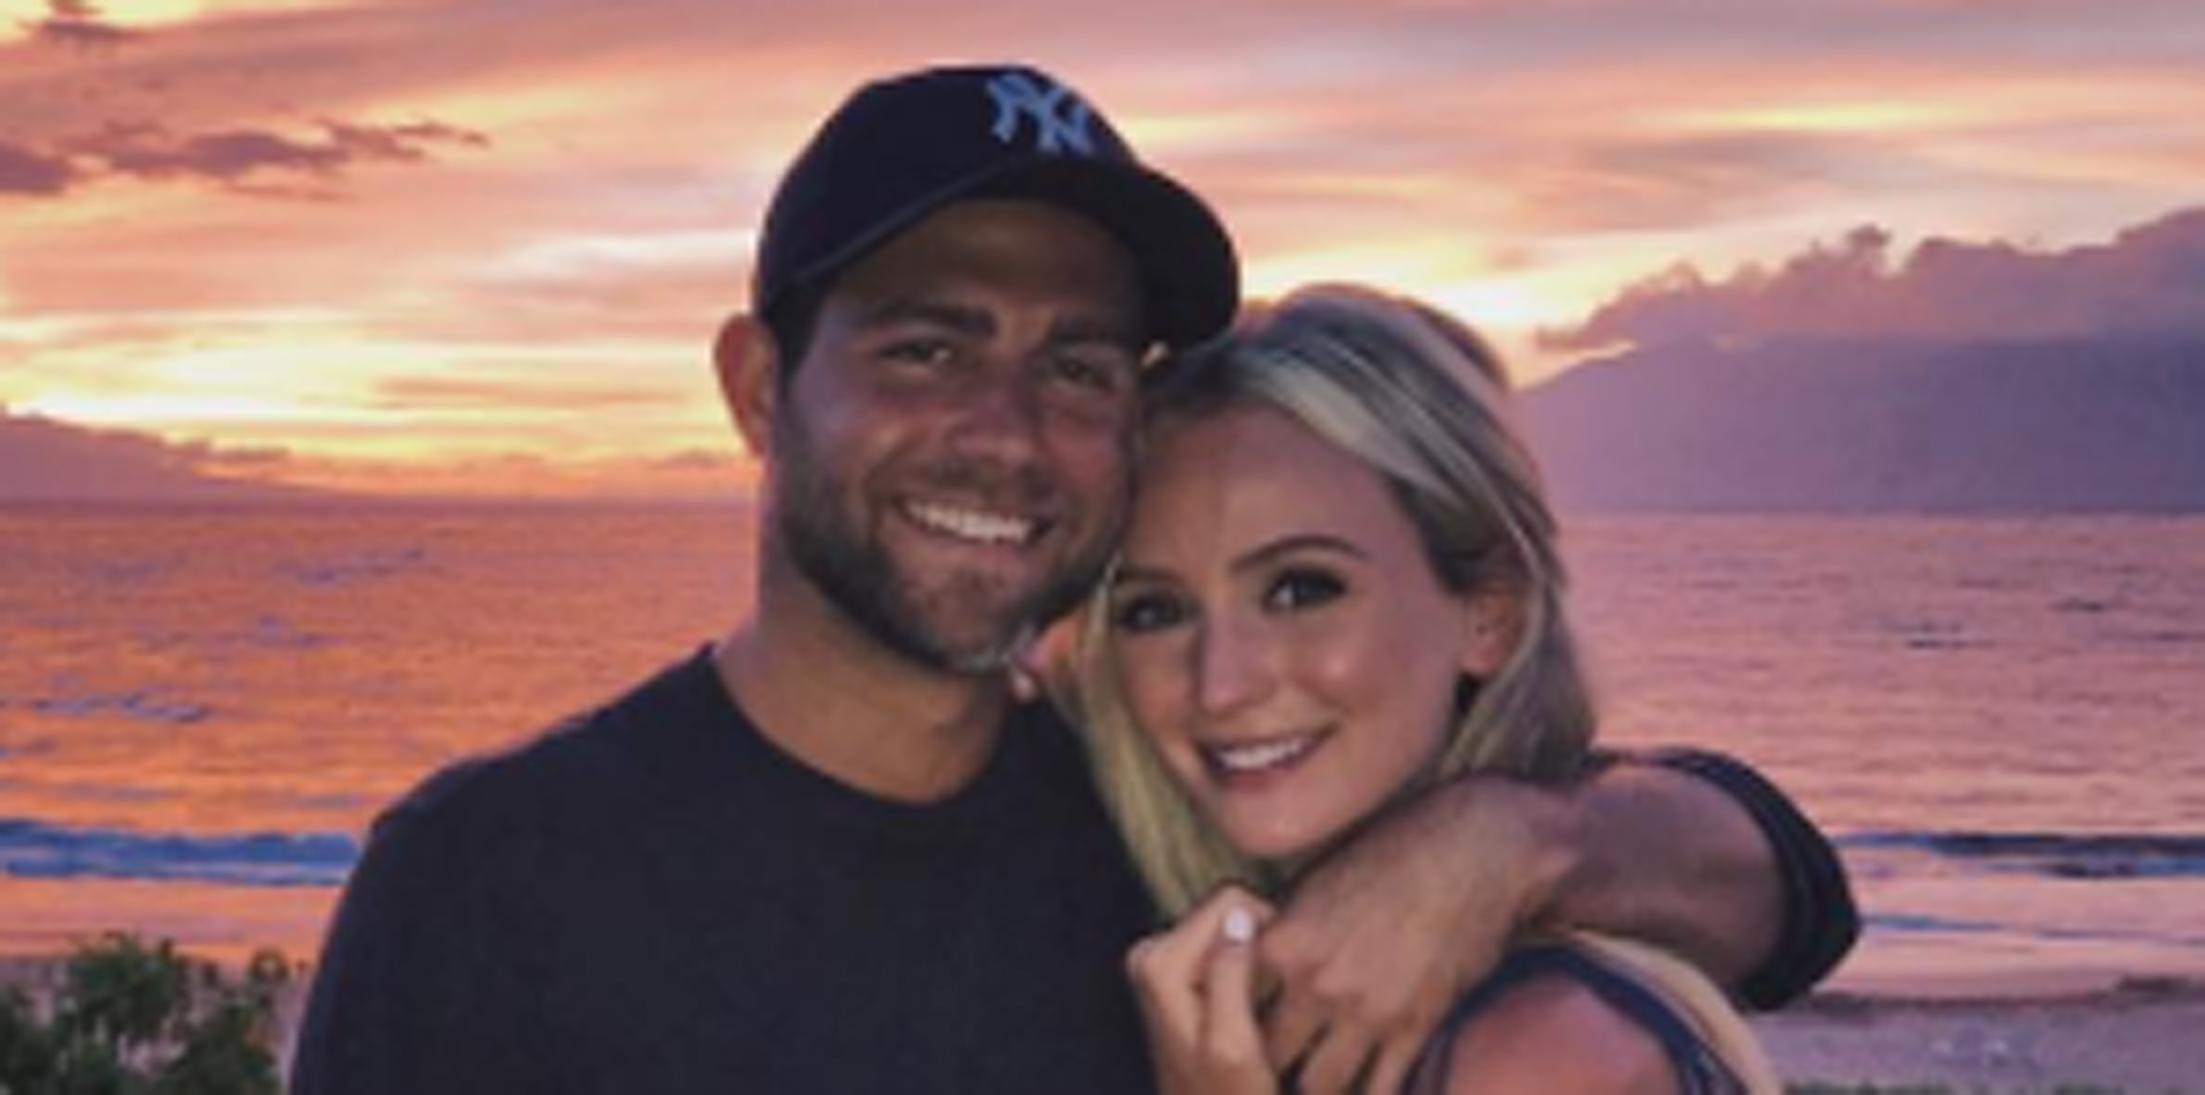 Lauren bushnell met boyfriend devin antin tinder hero